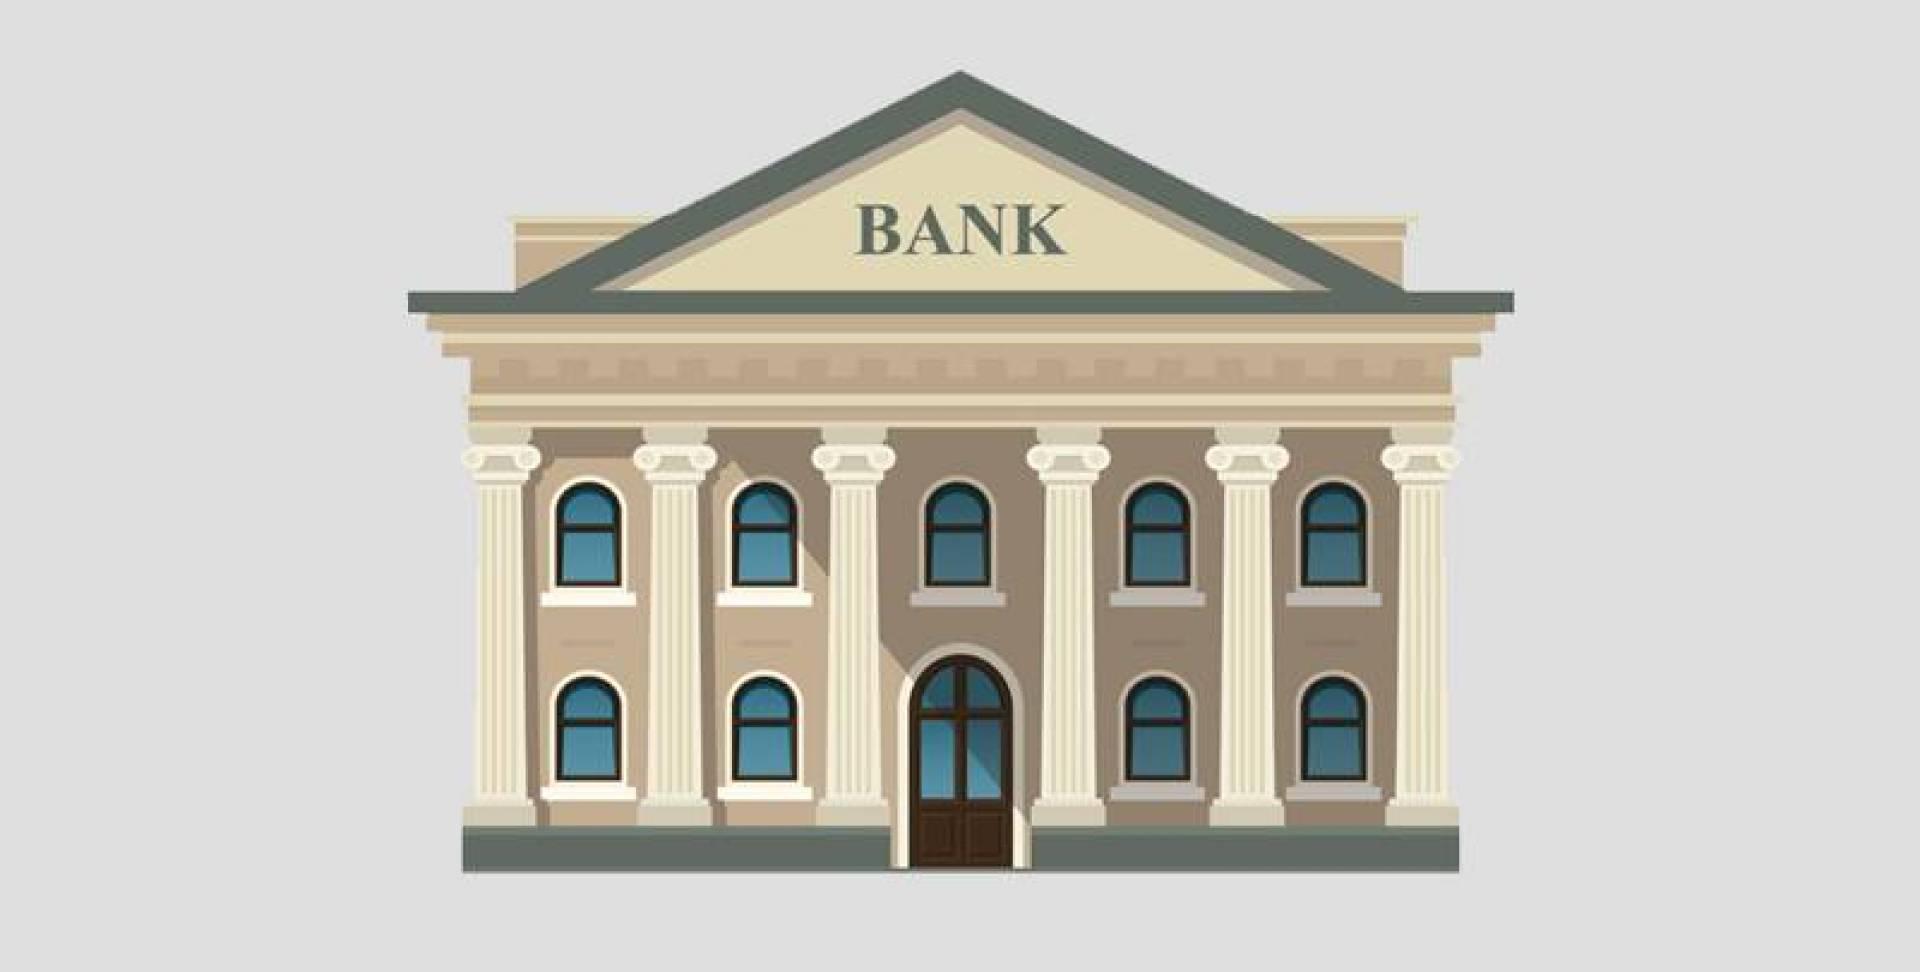 البنوك تباشر مبكراً استعداداتها لزيادة الأعضاء المستقلين